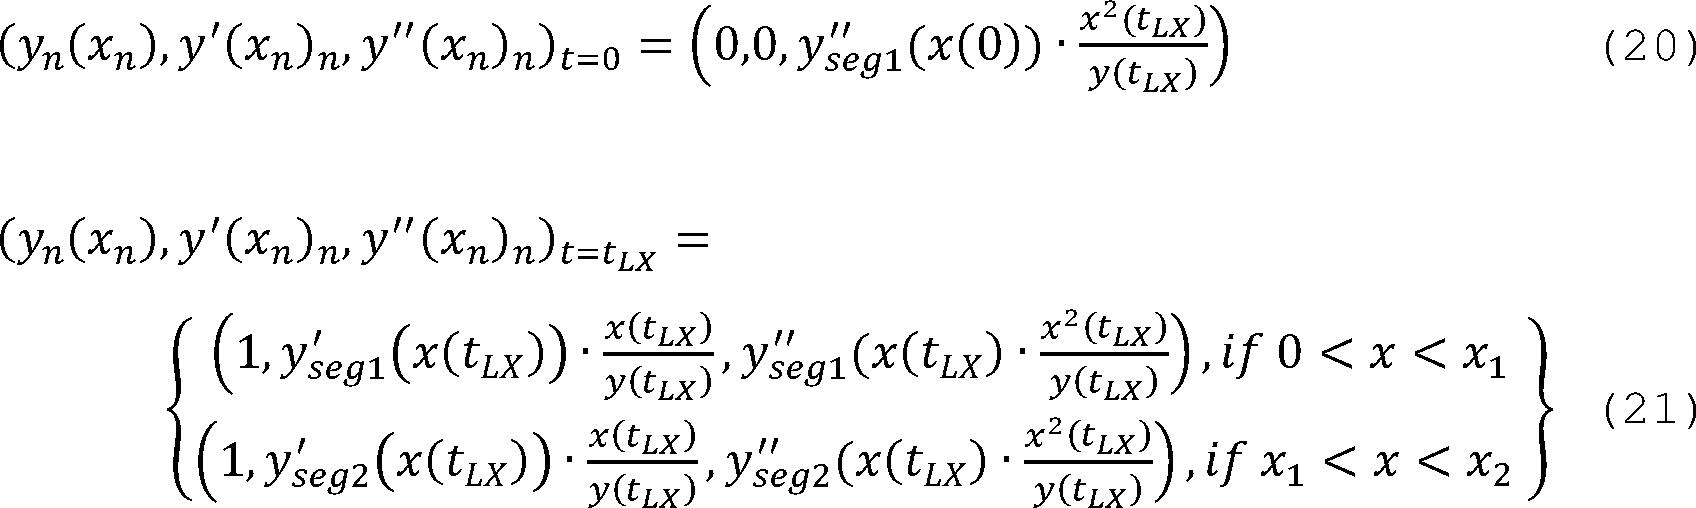 Figure DE102015114464A9_0008